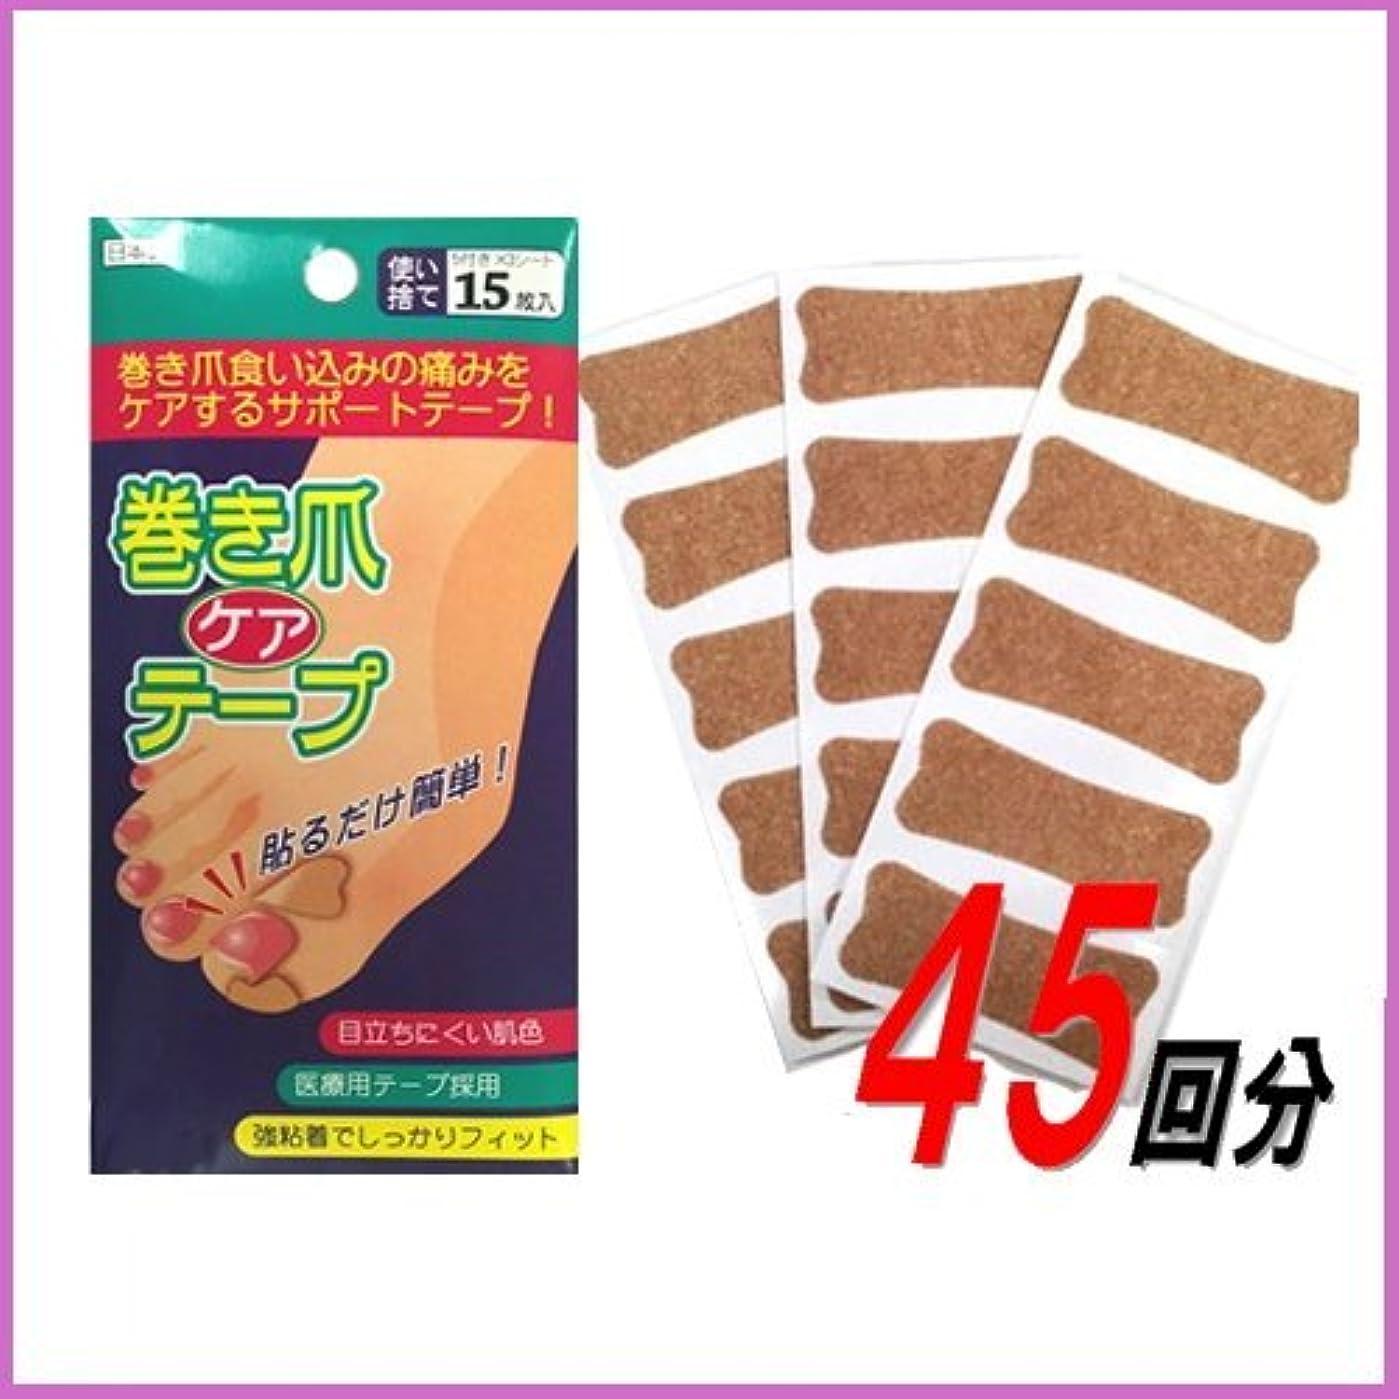 コレクション不振ミネラル巻き爪 テープ 3個セット ブロック ケア テーピング 日本製